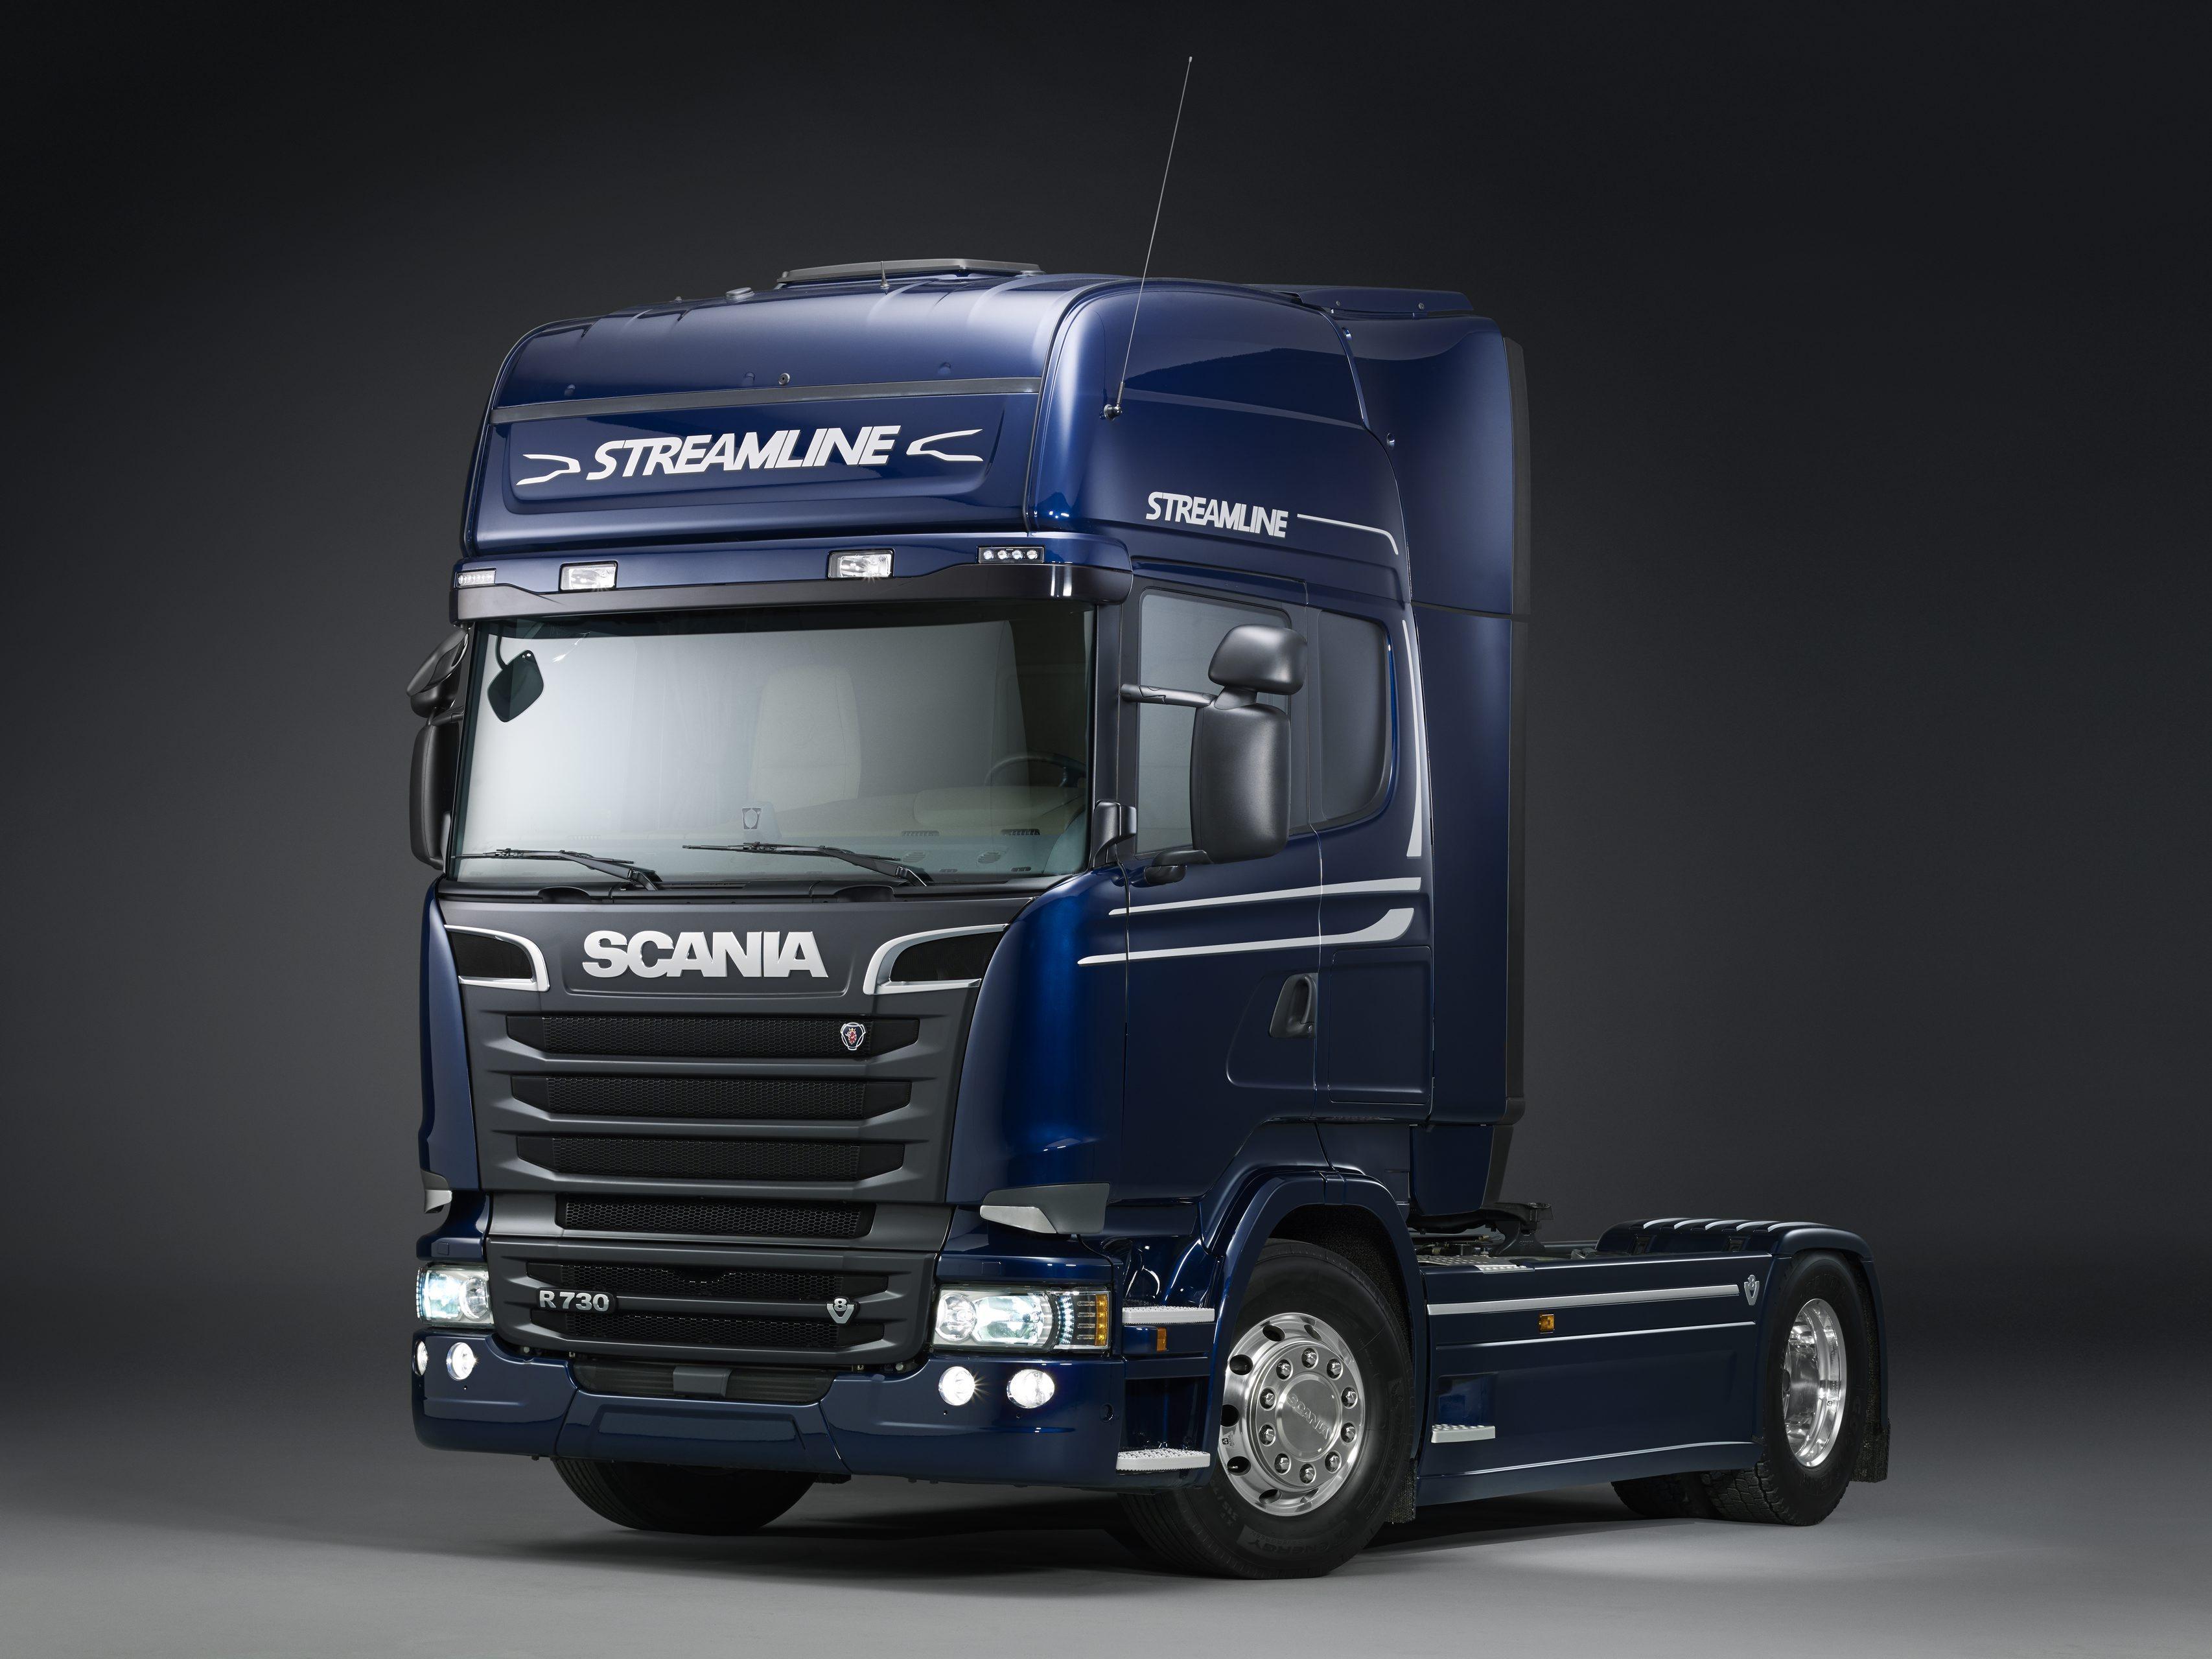 Marques de camions